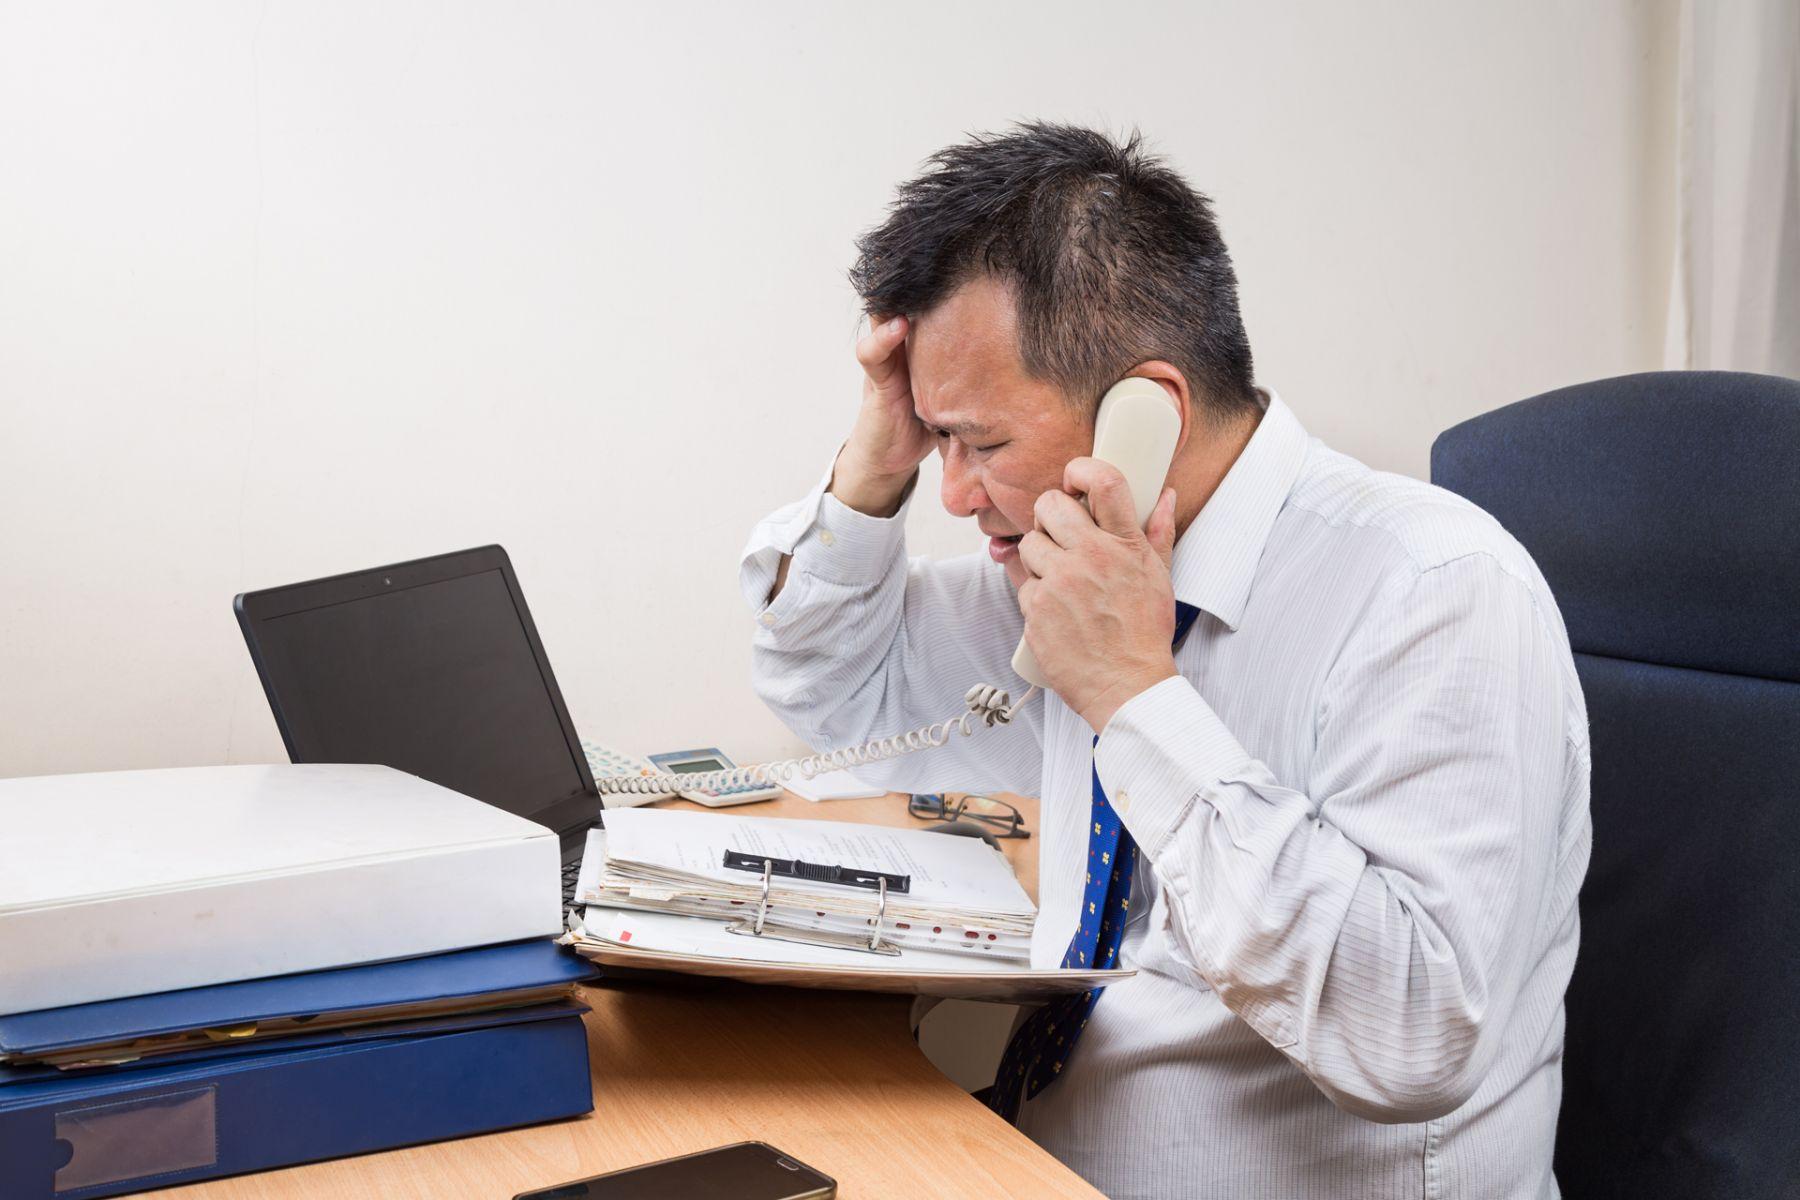 有能力的人絕不加班、別跟不聰明且勤奮的人當同事...職場前輩的忠告